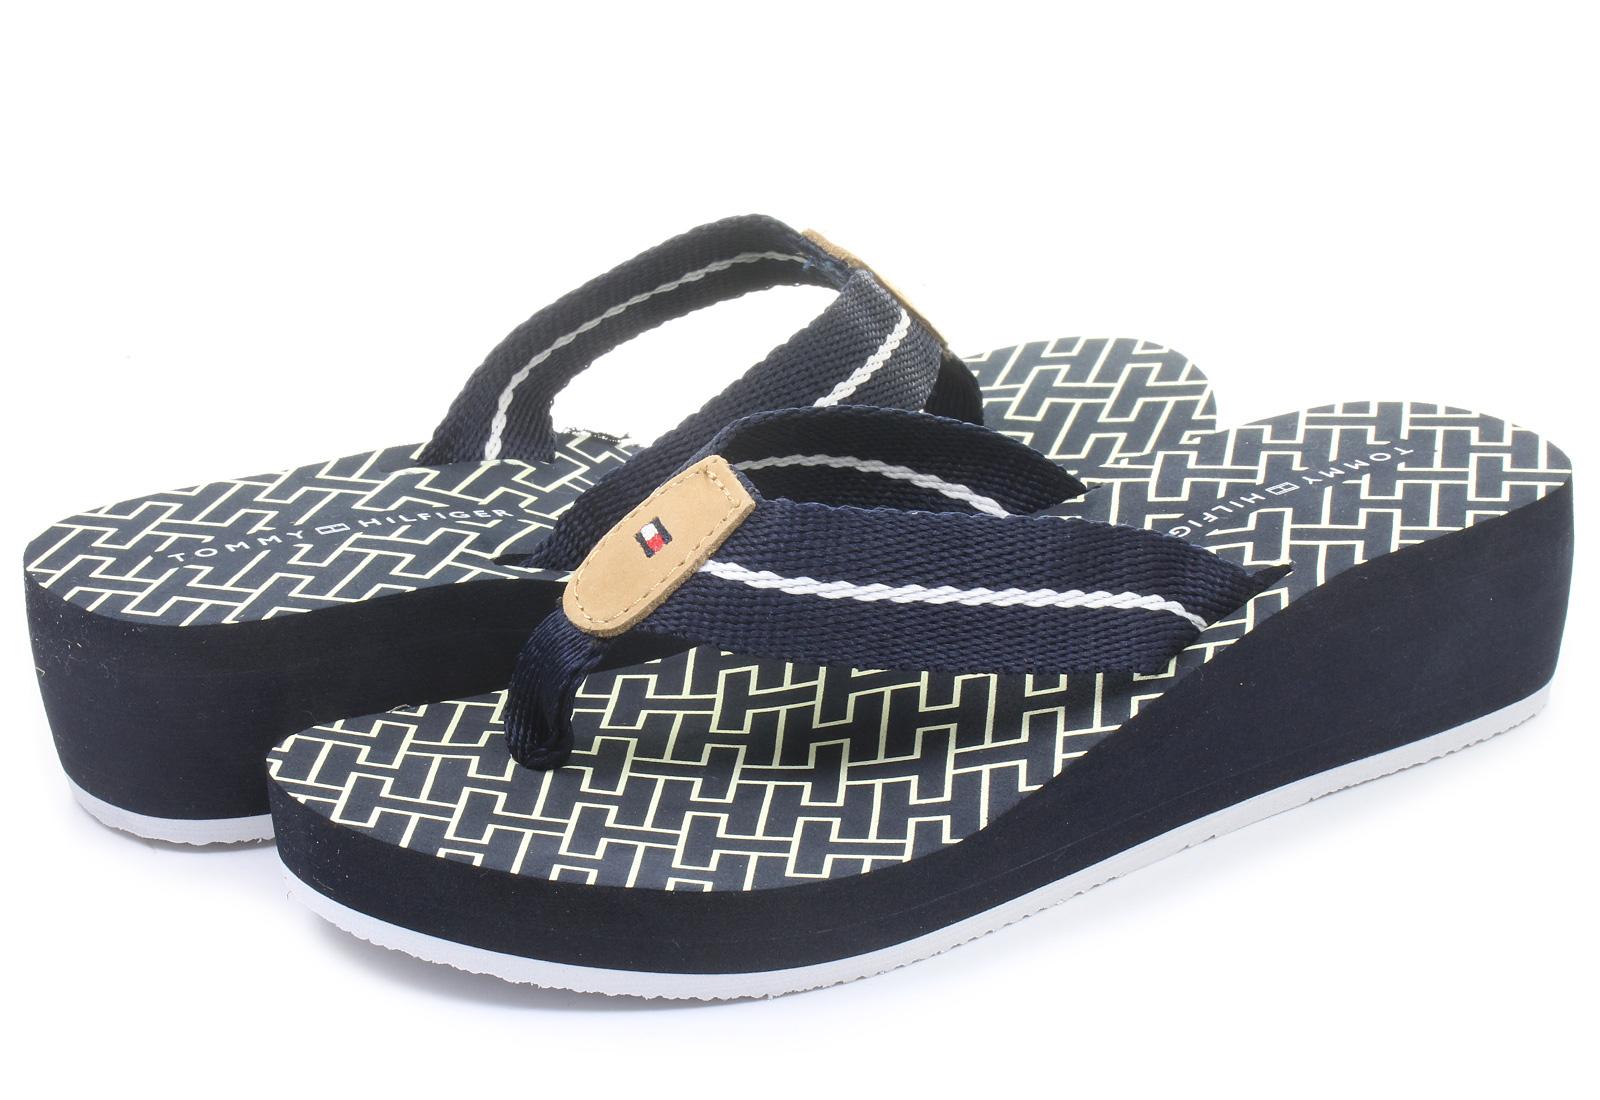 Tommy Hilfiger Papucs - Mona 4d - 14S-6801-403 - Office Shoes ... 306837e394